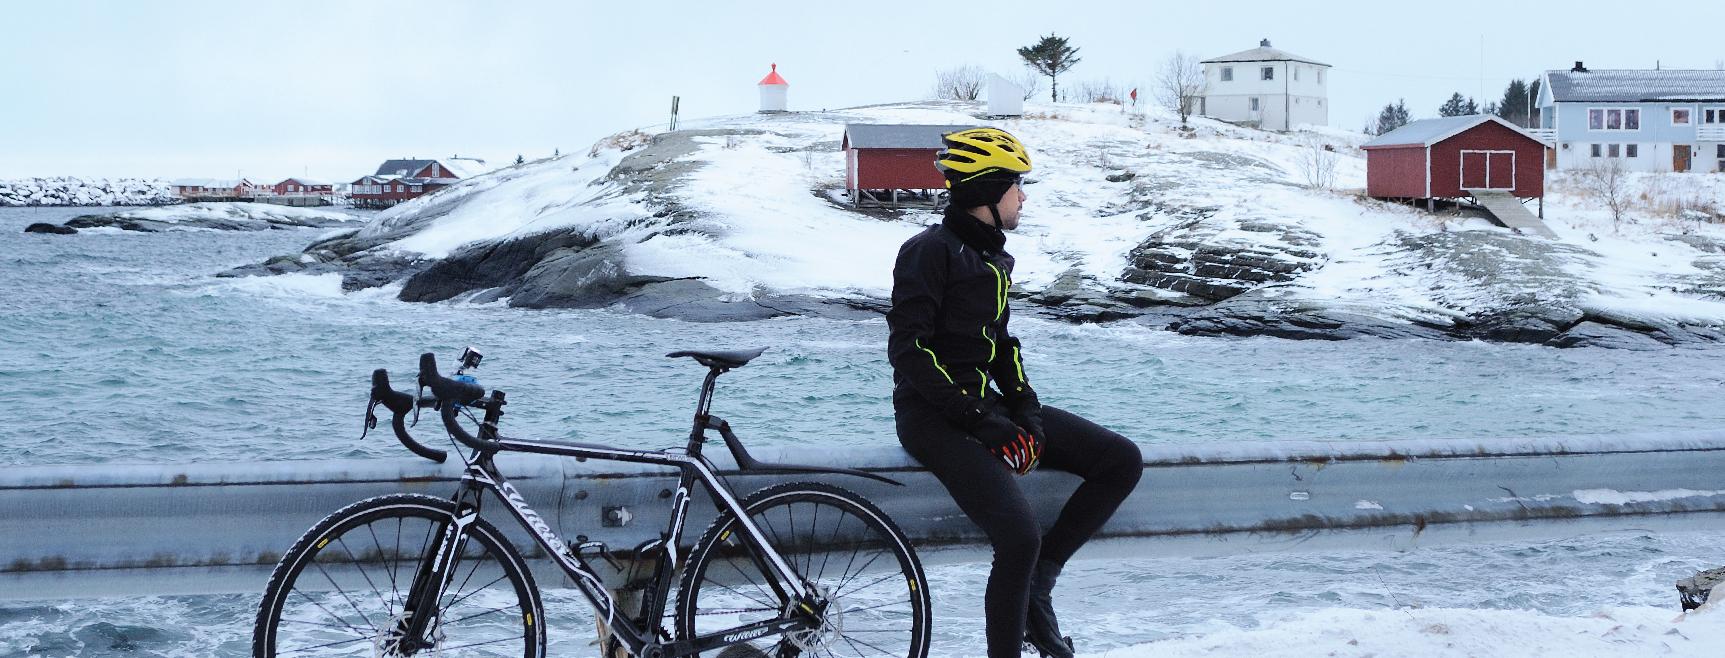 Omar Di Felice ciclicmo in Finlandia in inverno